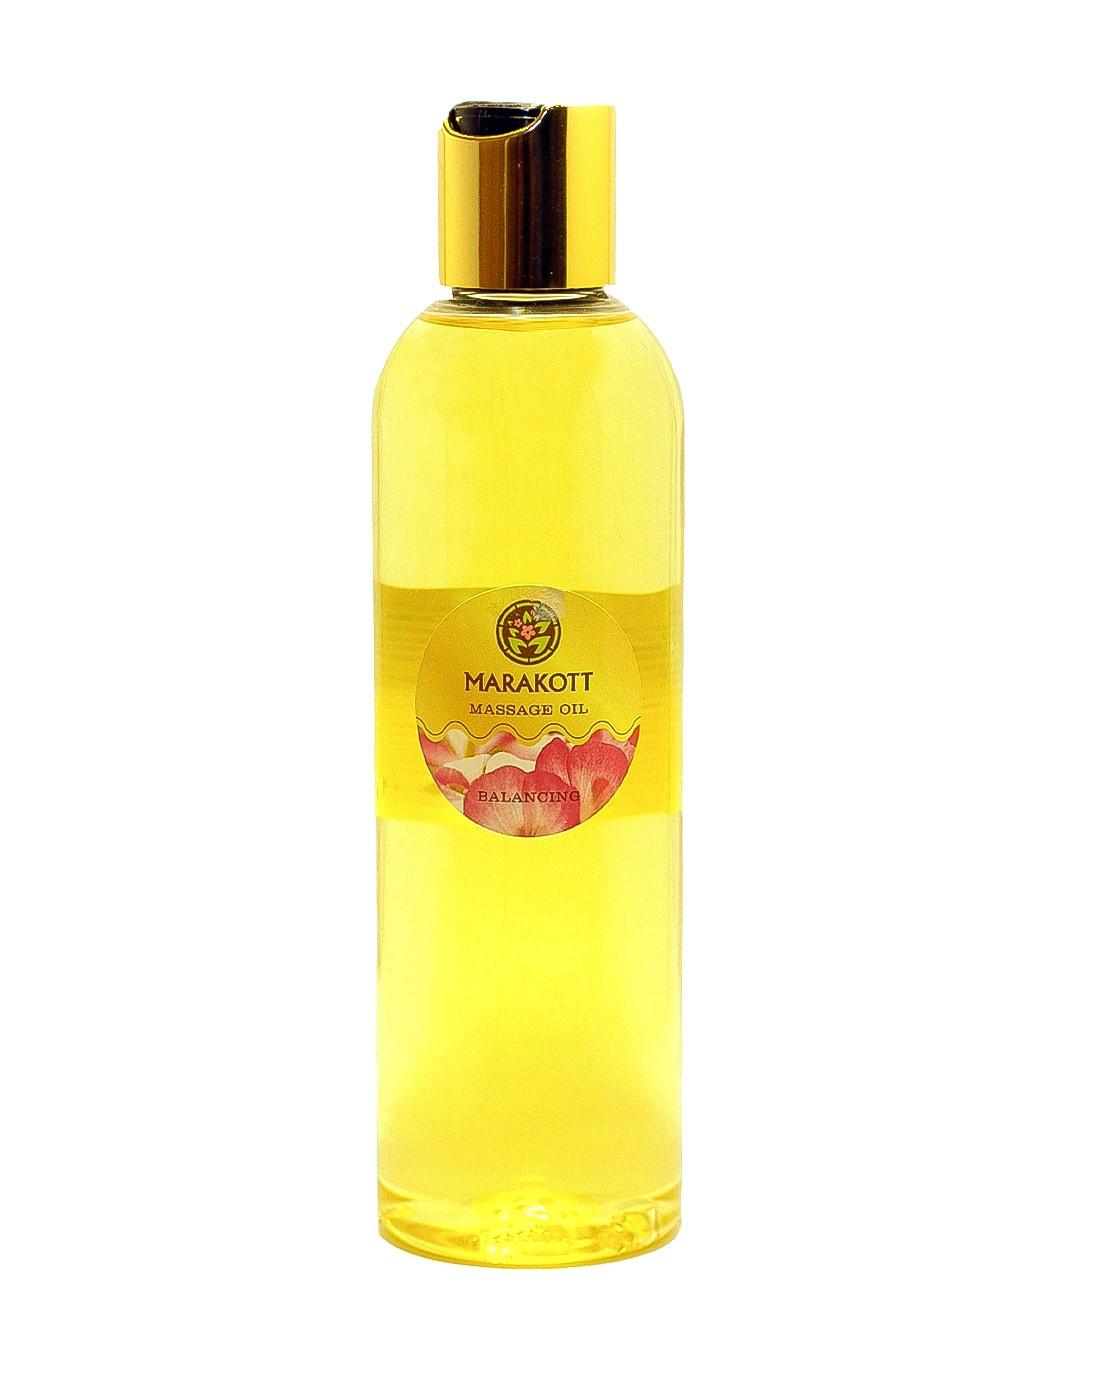 Масло массажное Marakott Балансирующее, 250мл anariti масло для массажа повышающее сексуальную энергию 250мл